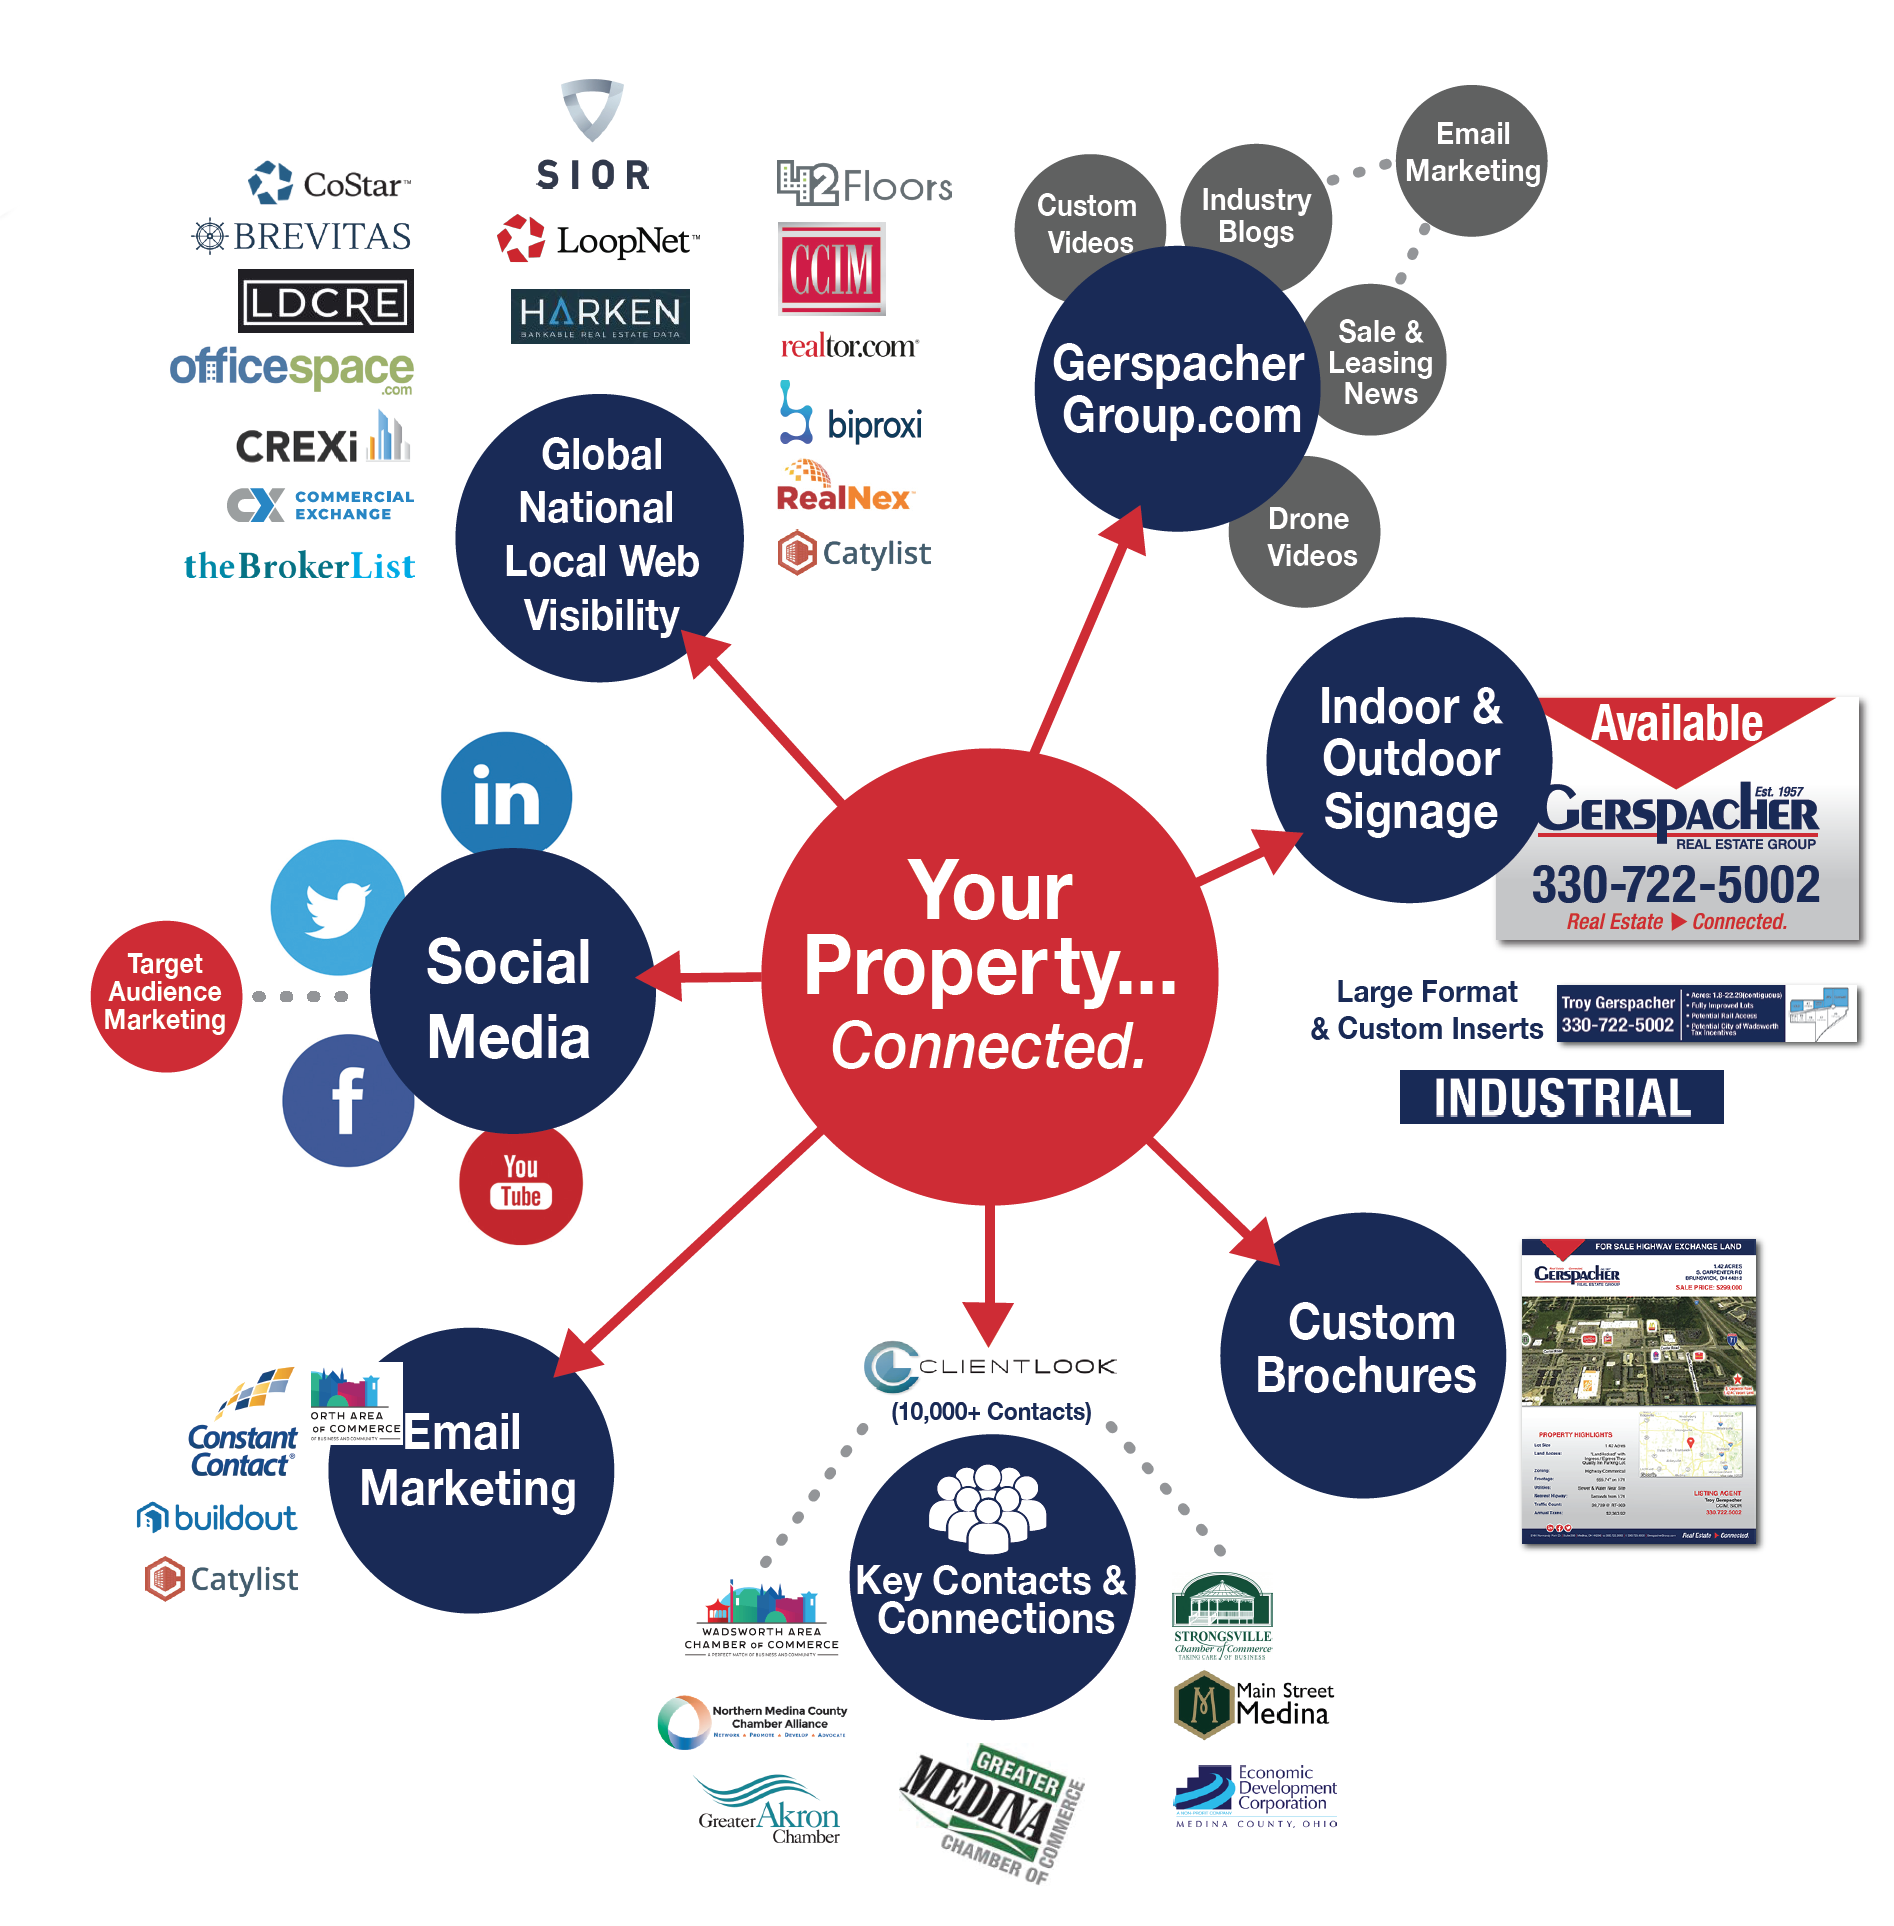 Gerspacher Marketing Wheel